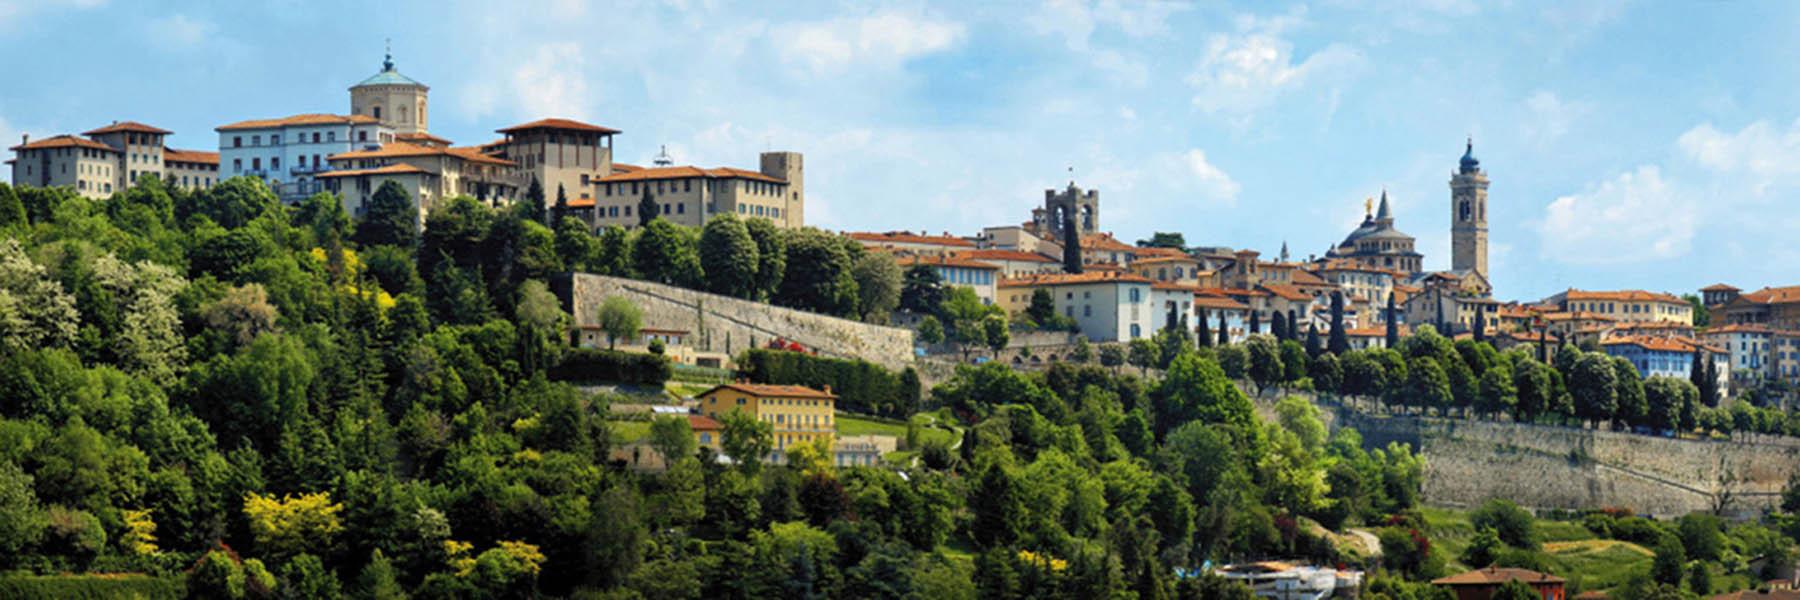 Bergamo Alta, unser Geheimtipp für Italophile und Expo-Besucher - Golf & Design Lombardei